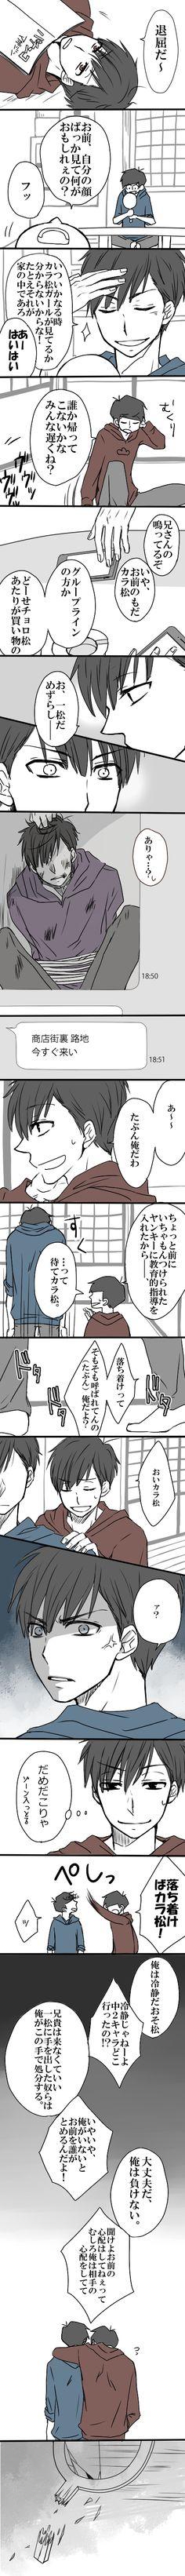 「ちょっと待ったカラ松【腐】」/「水無月」の漫画 [pixiv]